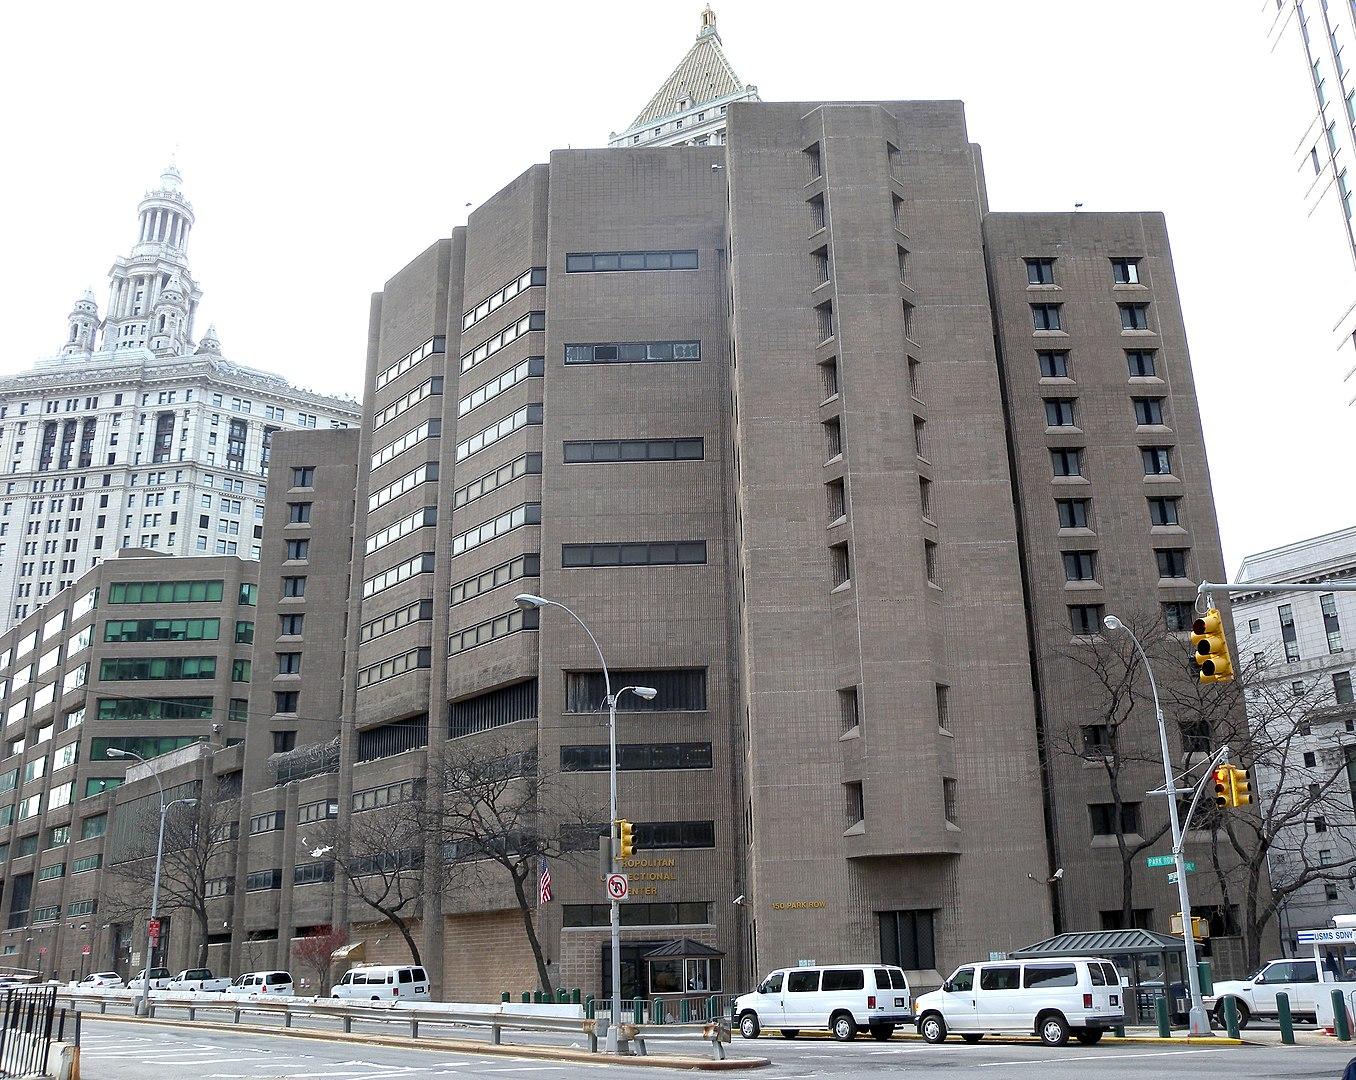 Vangivalvurid võltsisid raporteid, et varjata Epsteini valveta jätmist